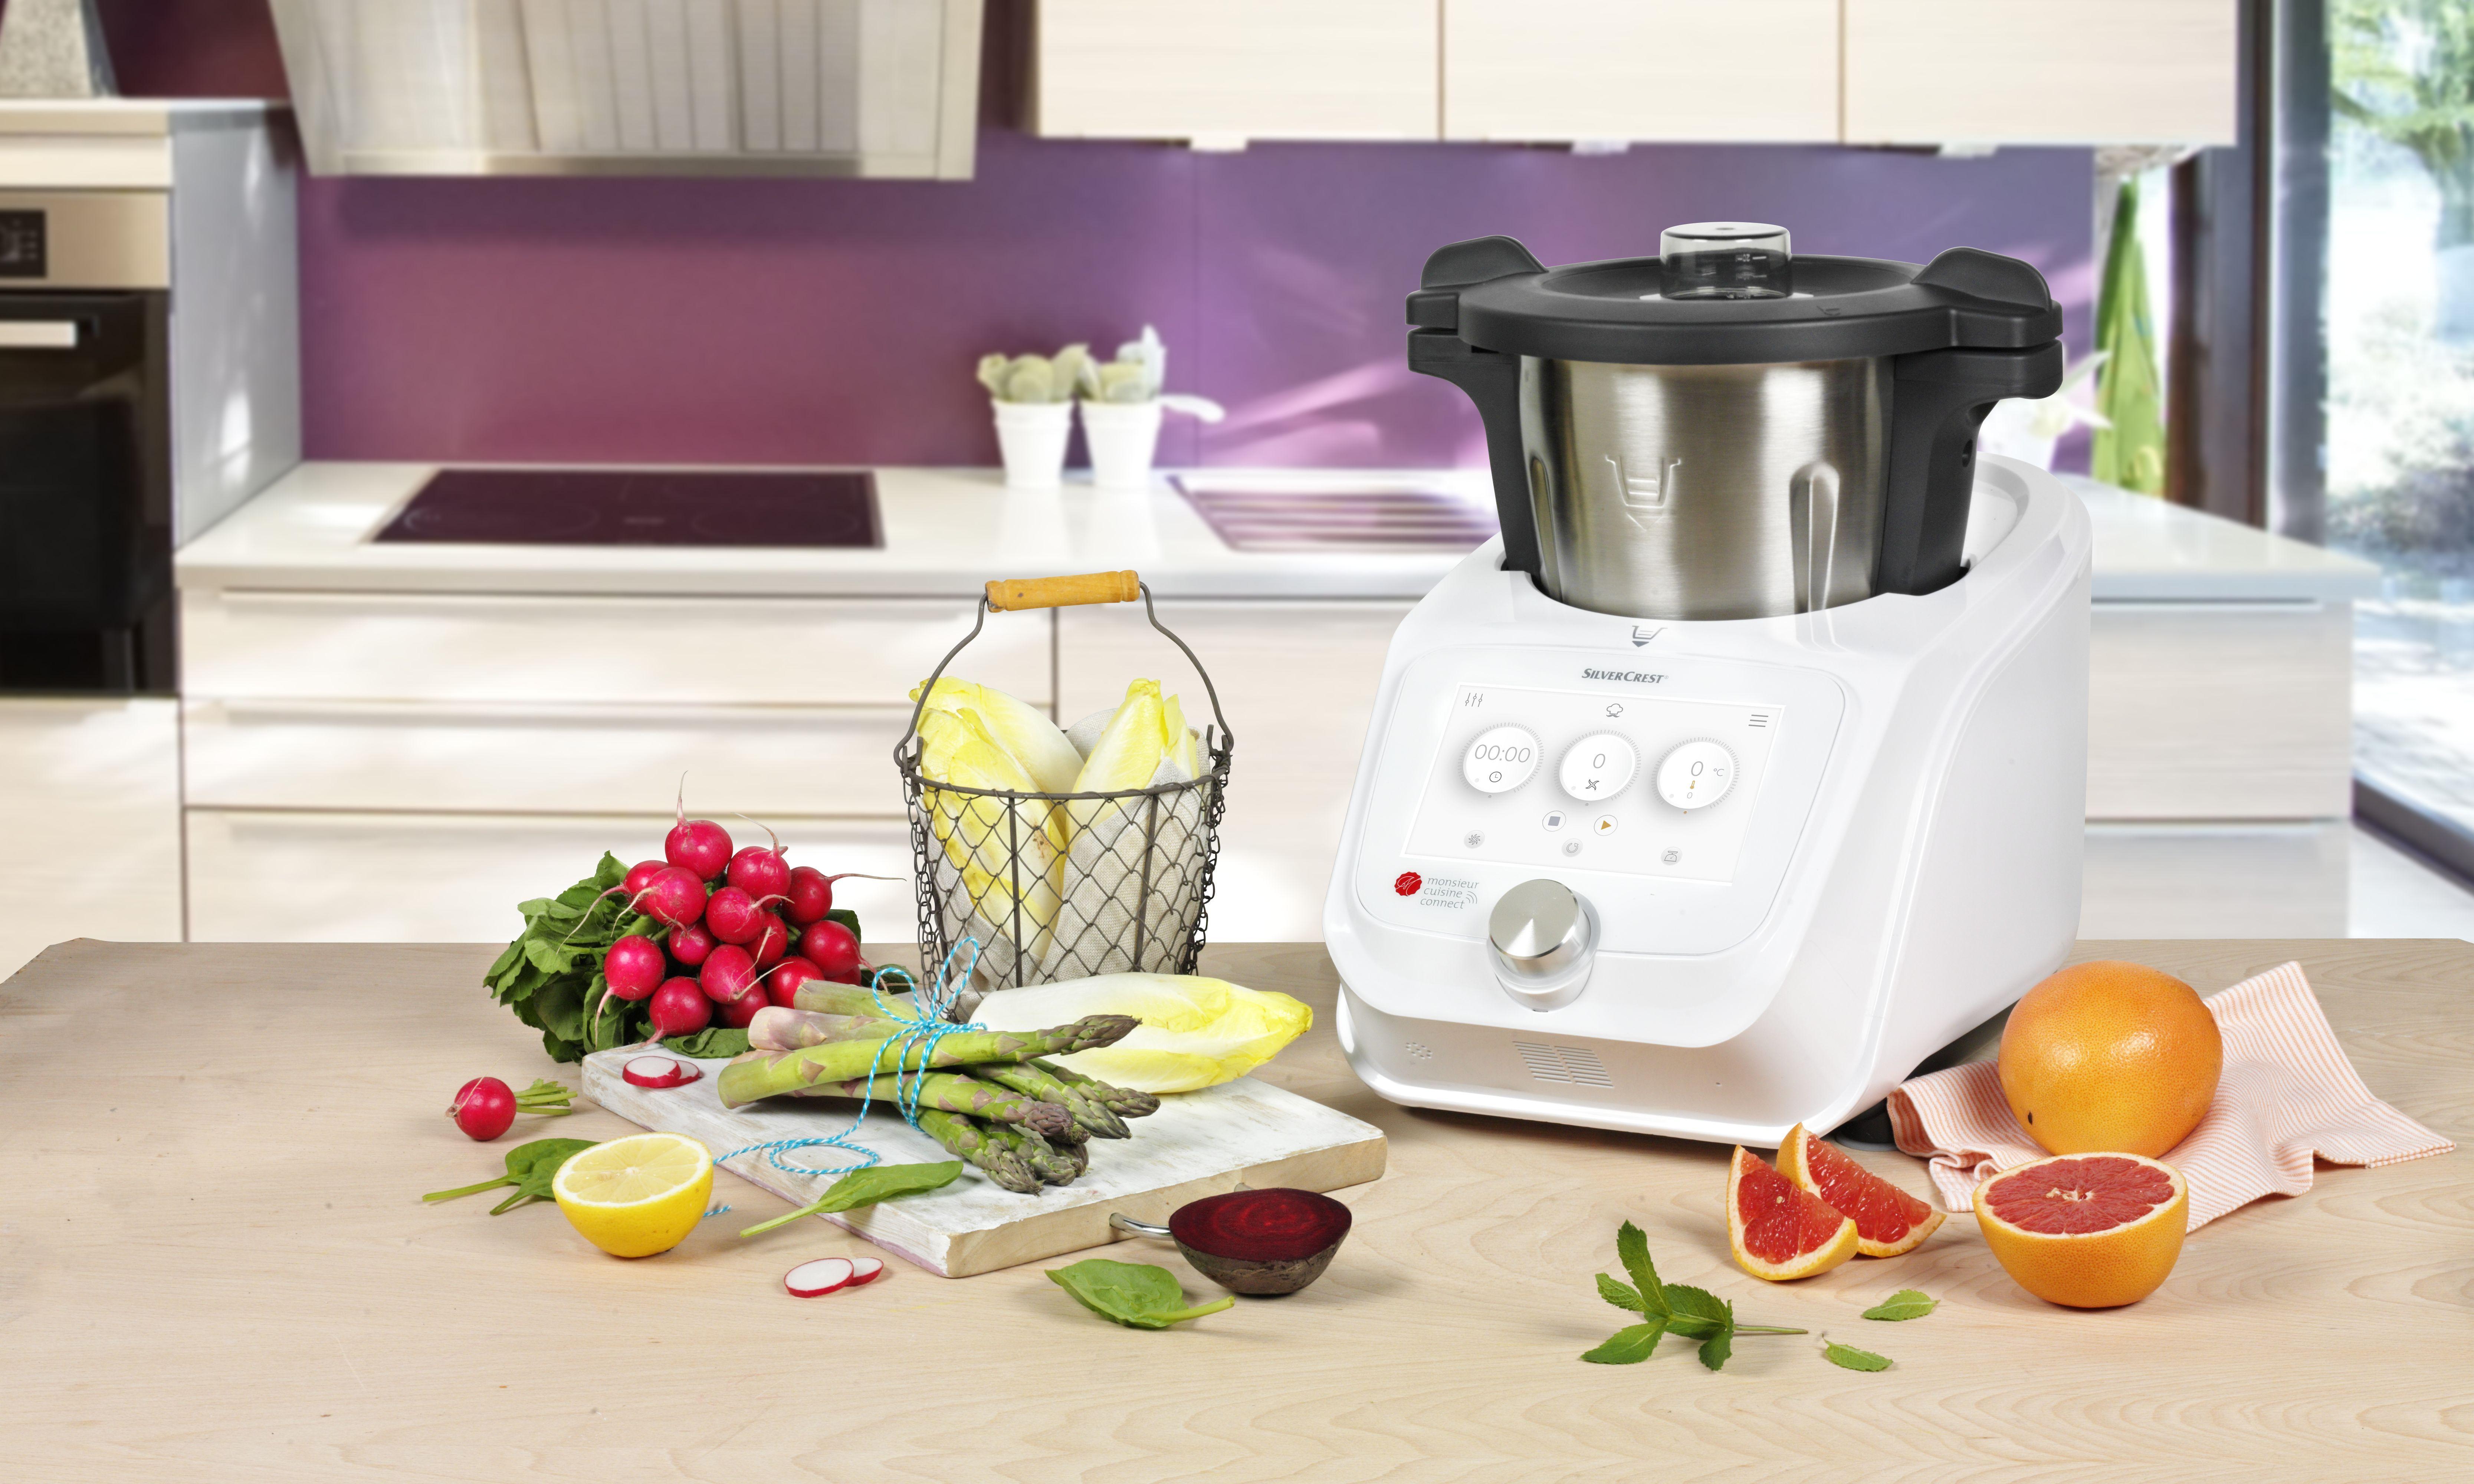 Thermomix Cuisiner Pour 6 Et Plus thermomix » : la guerre des prix déclenchée par une copie